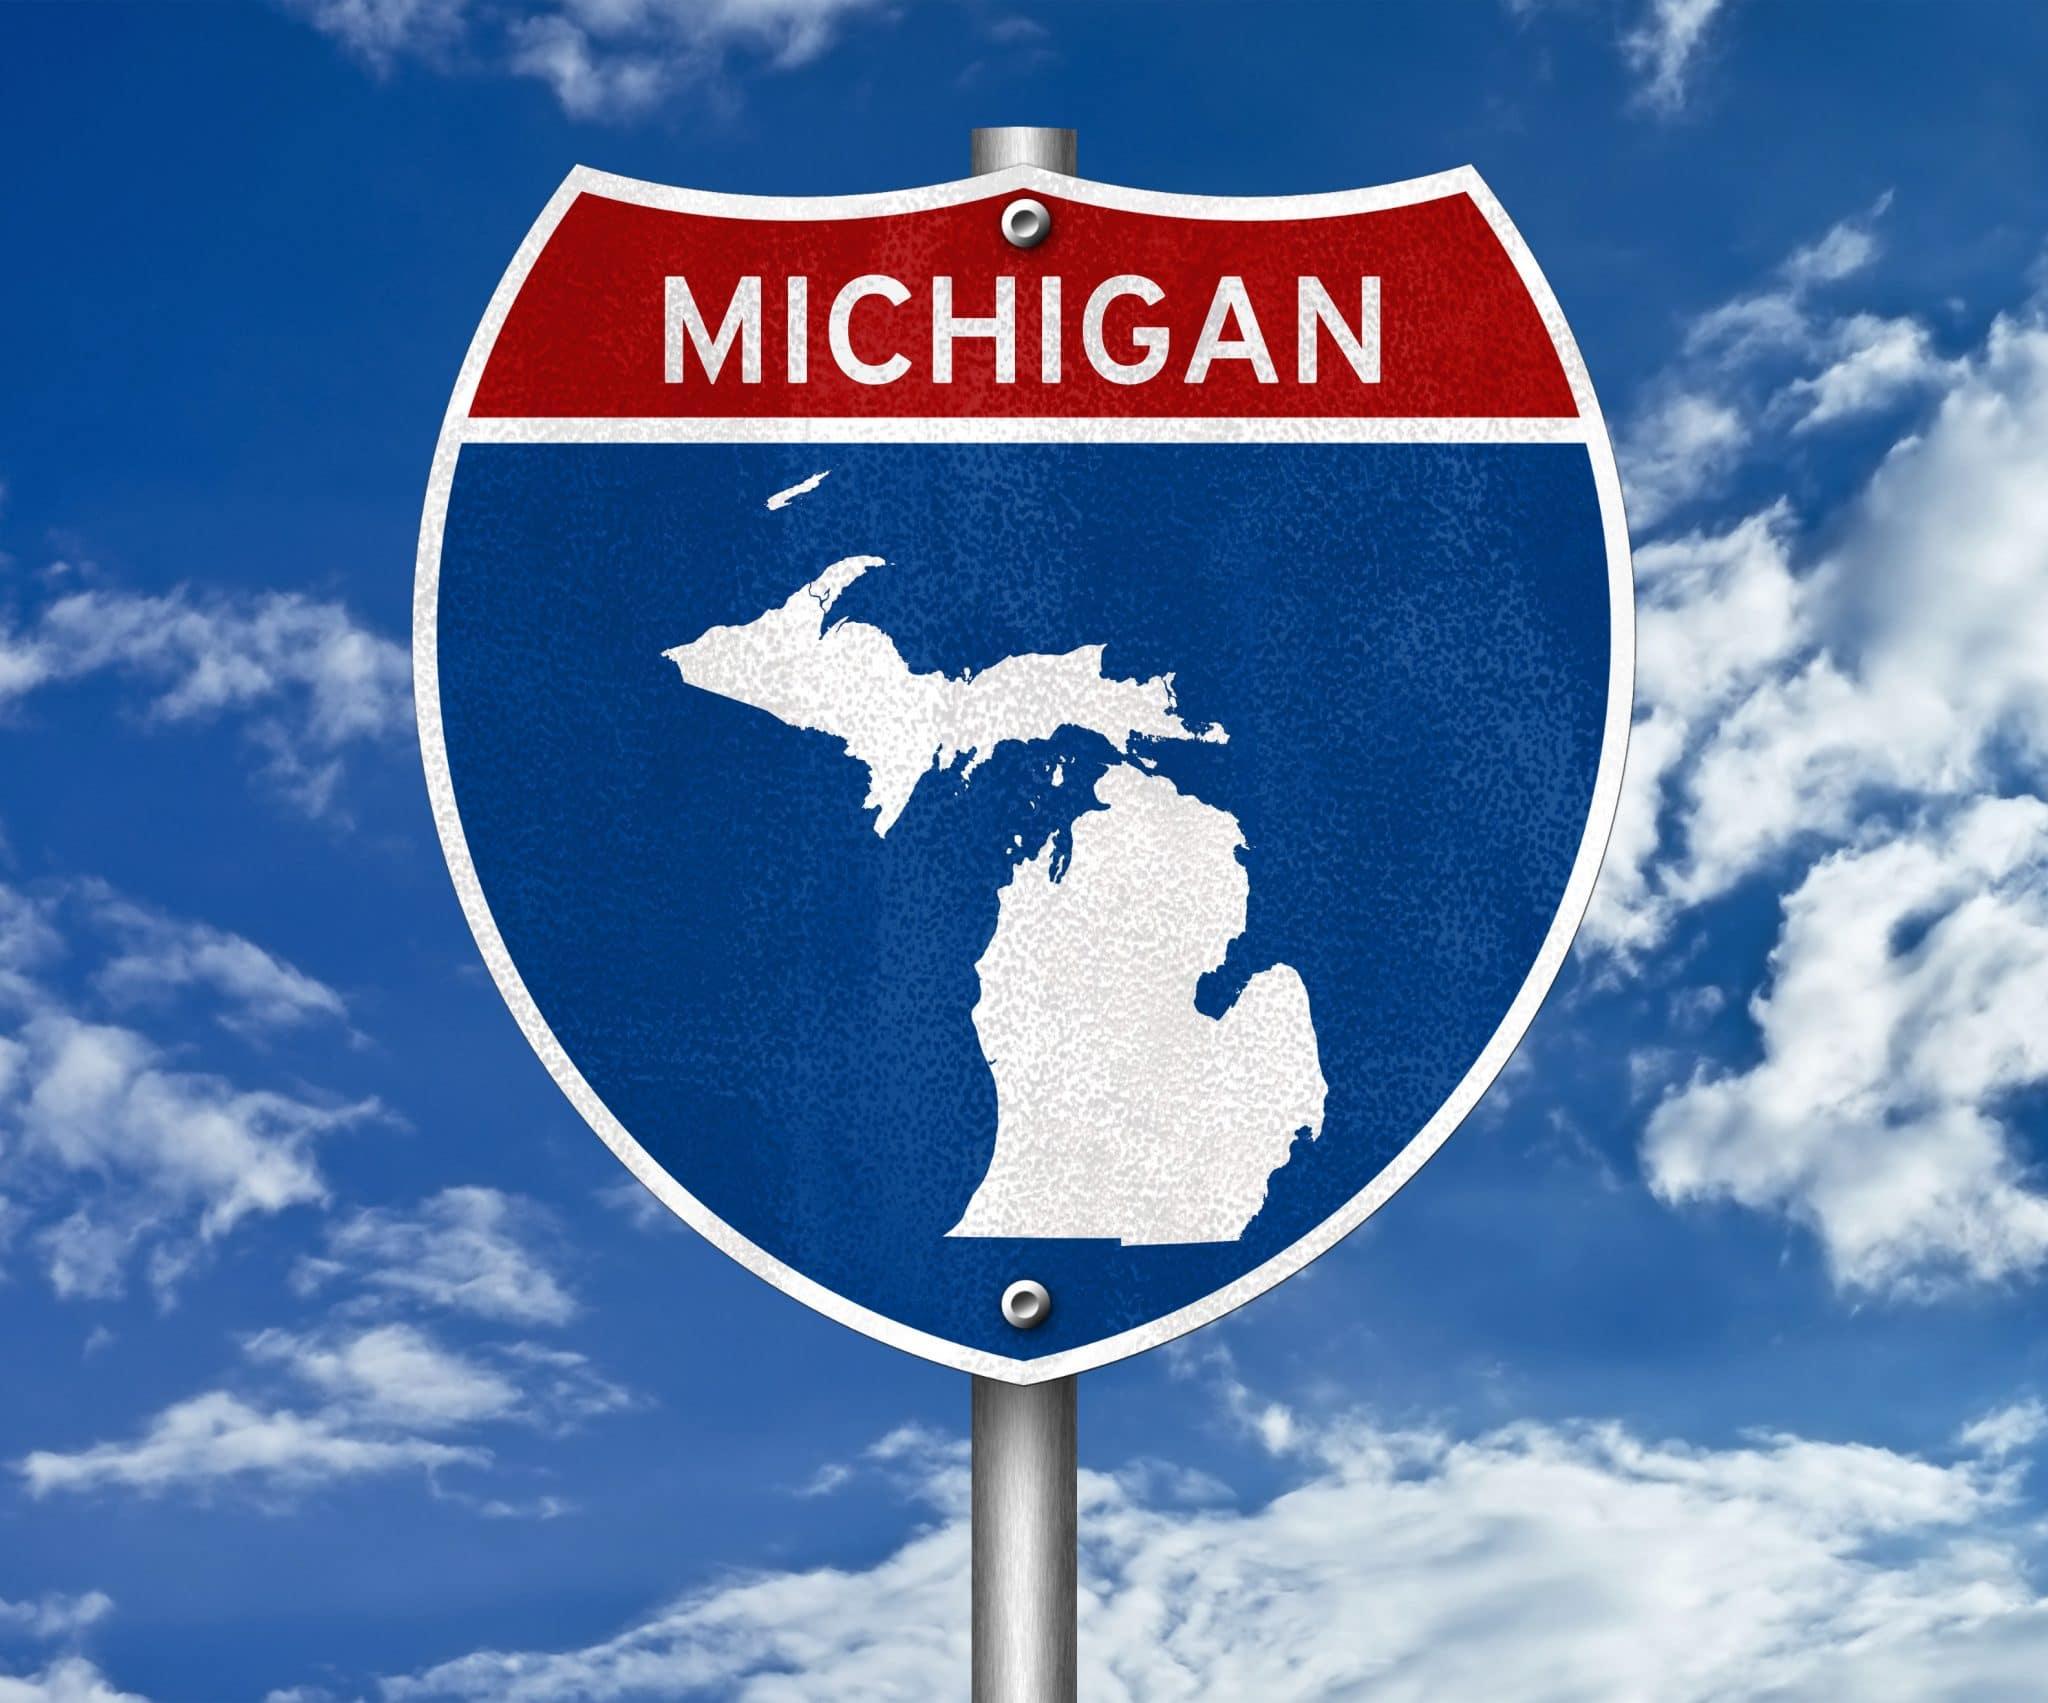 Free download Michigan Lake Huron sunset rock trees